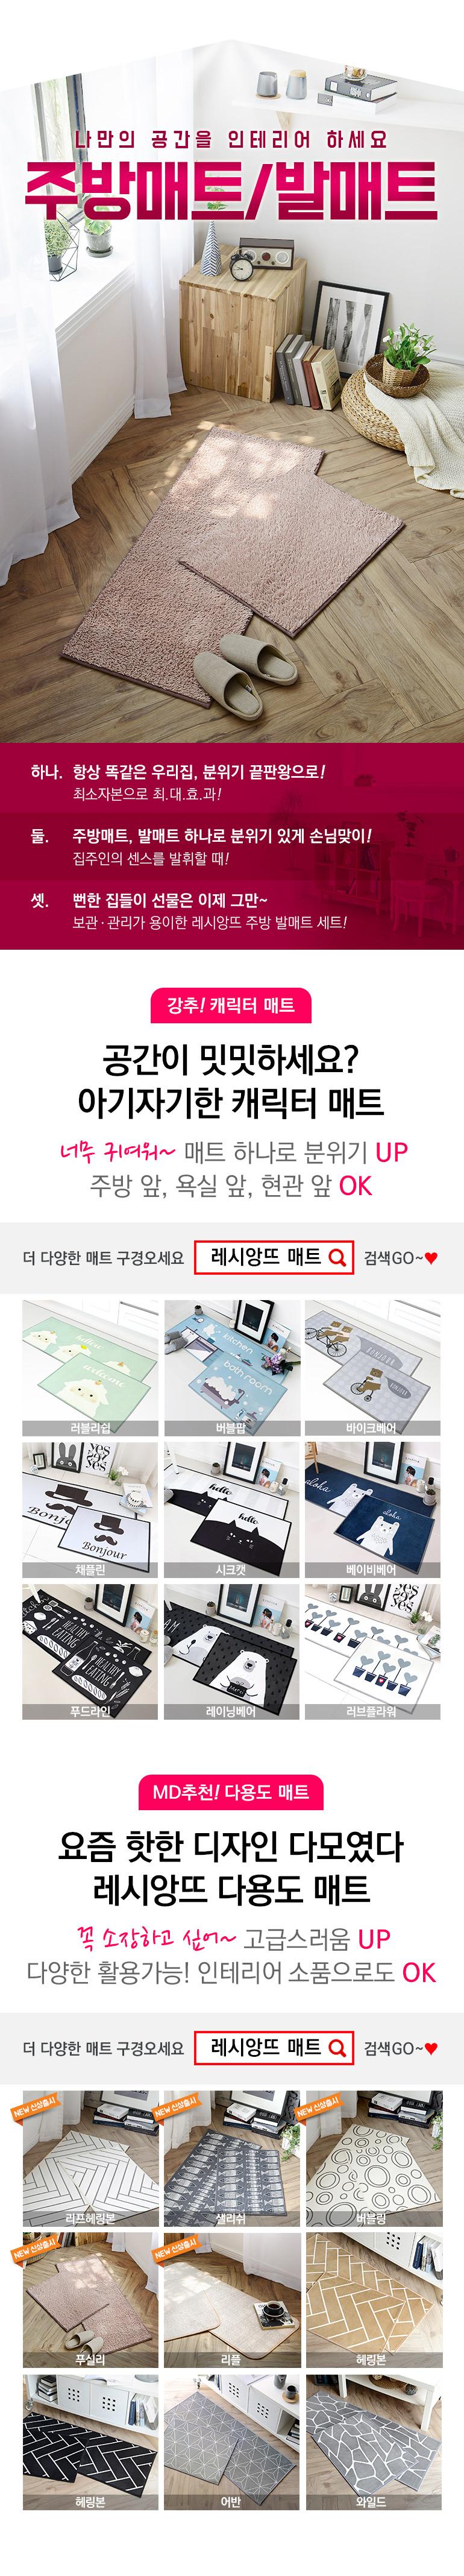 도톰 샤기발매트 50x70 - 레시앙뜨, 17,000원, 디자인러그, 샤기 카페트